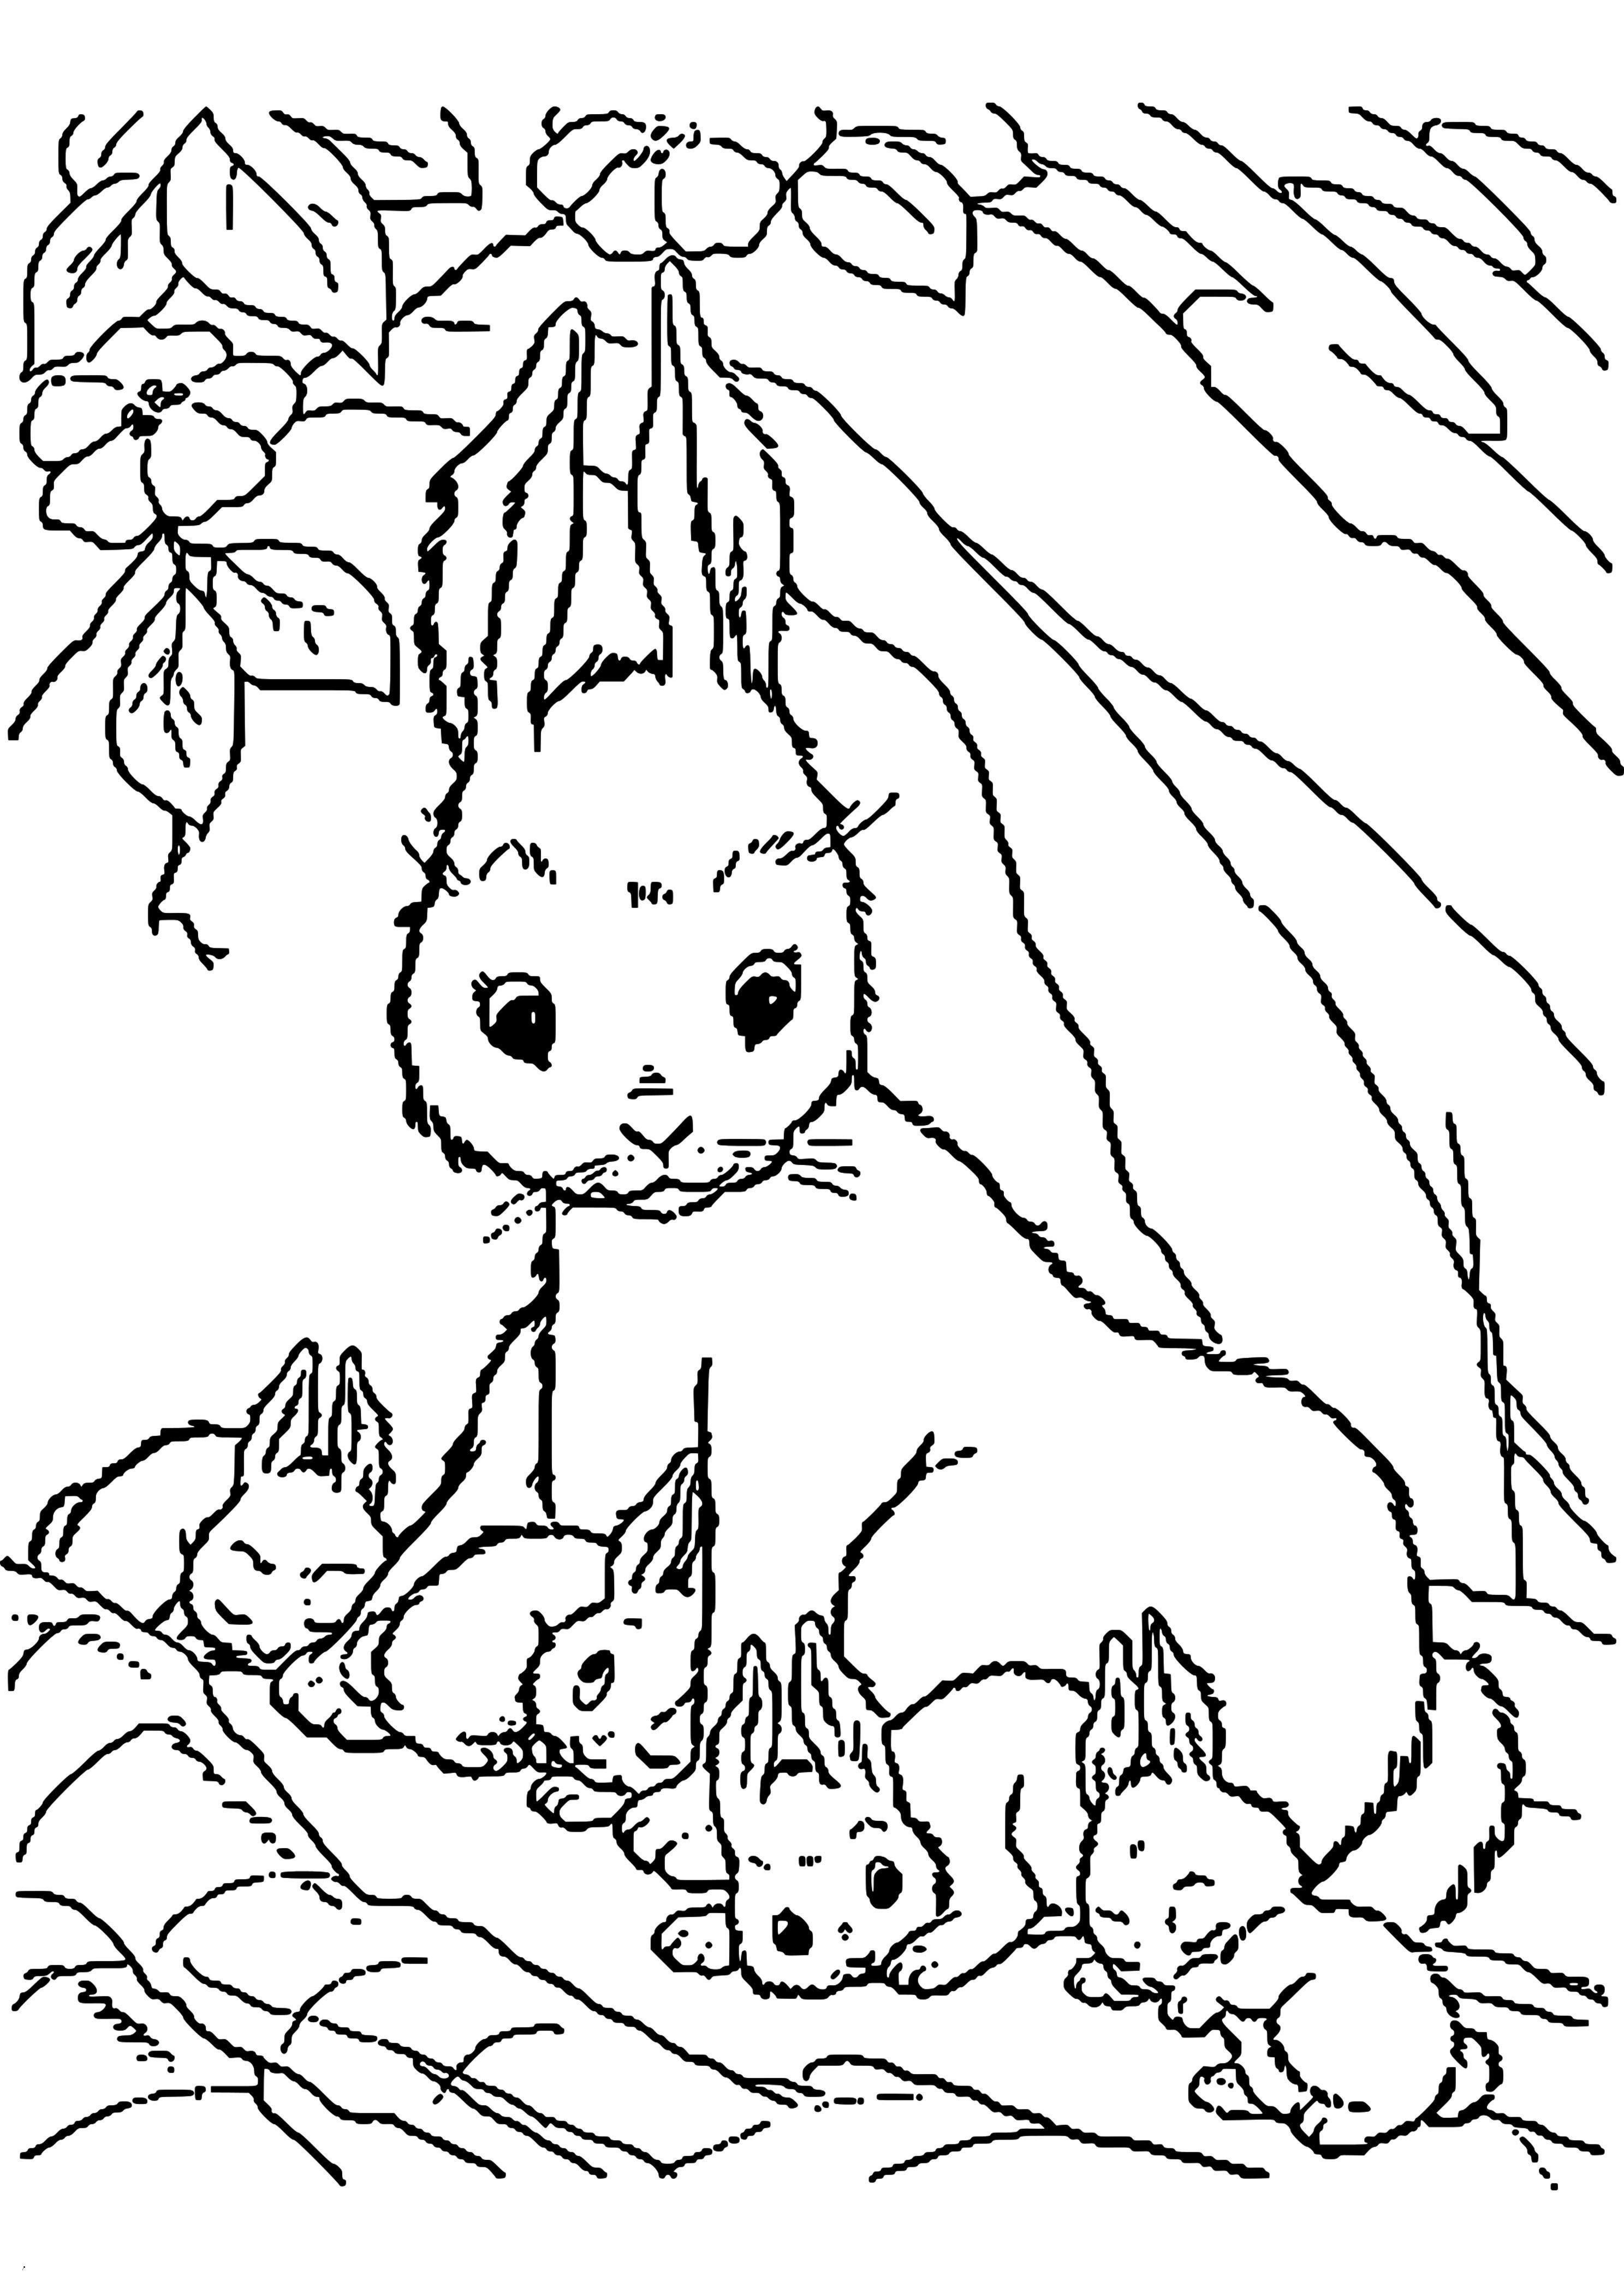 Ausmalbilder Ostern Hase Das Beste Von 44 Beispiel Hase Ausmalbilder Zum Ausdrucken Treehouse Nyc Stock